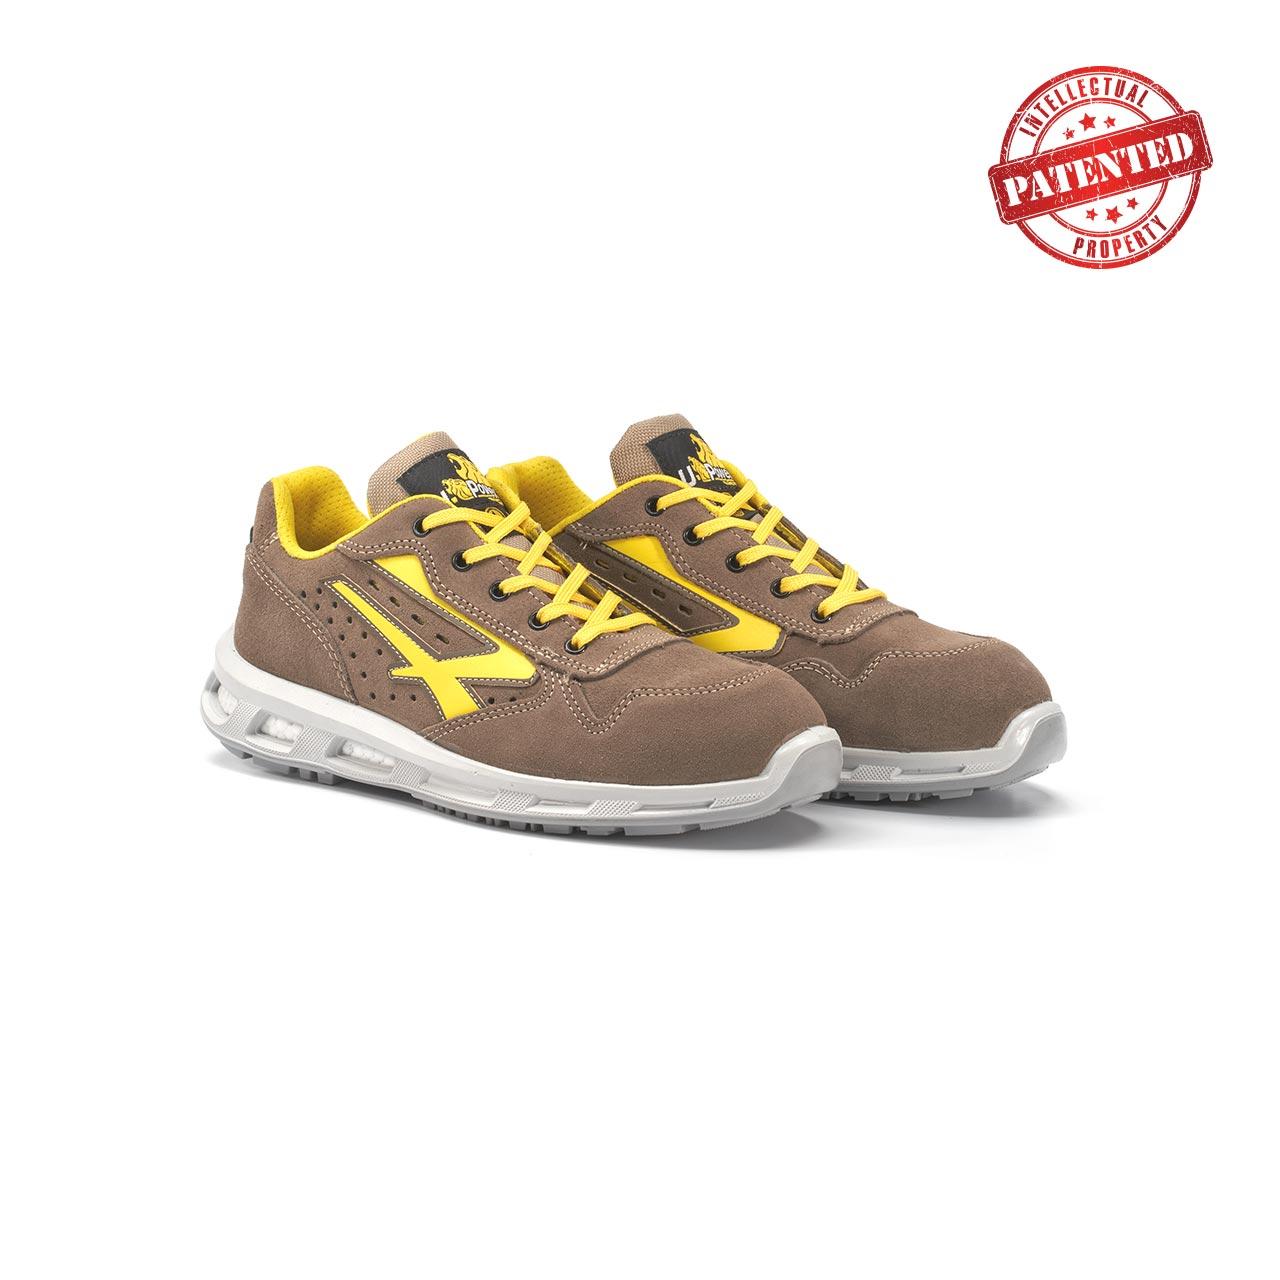 paio di scarpe antinfortunistiche upower modello adventure linea redlion vista prospettica